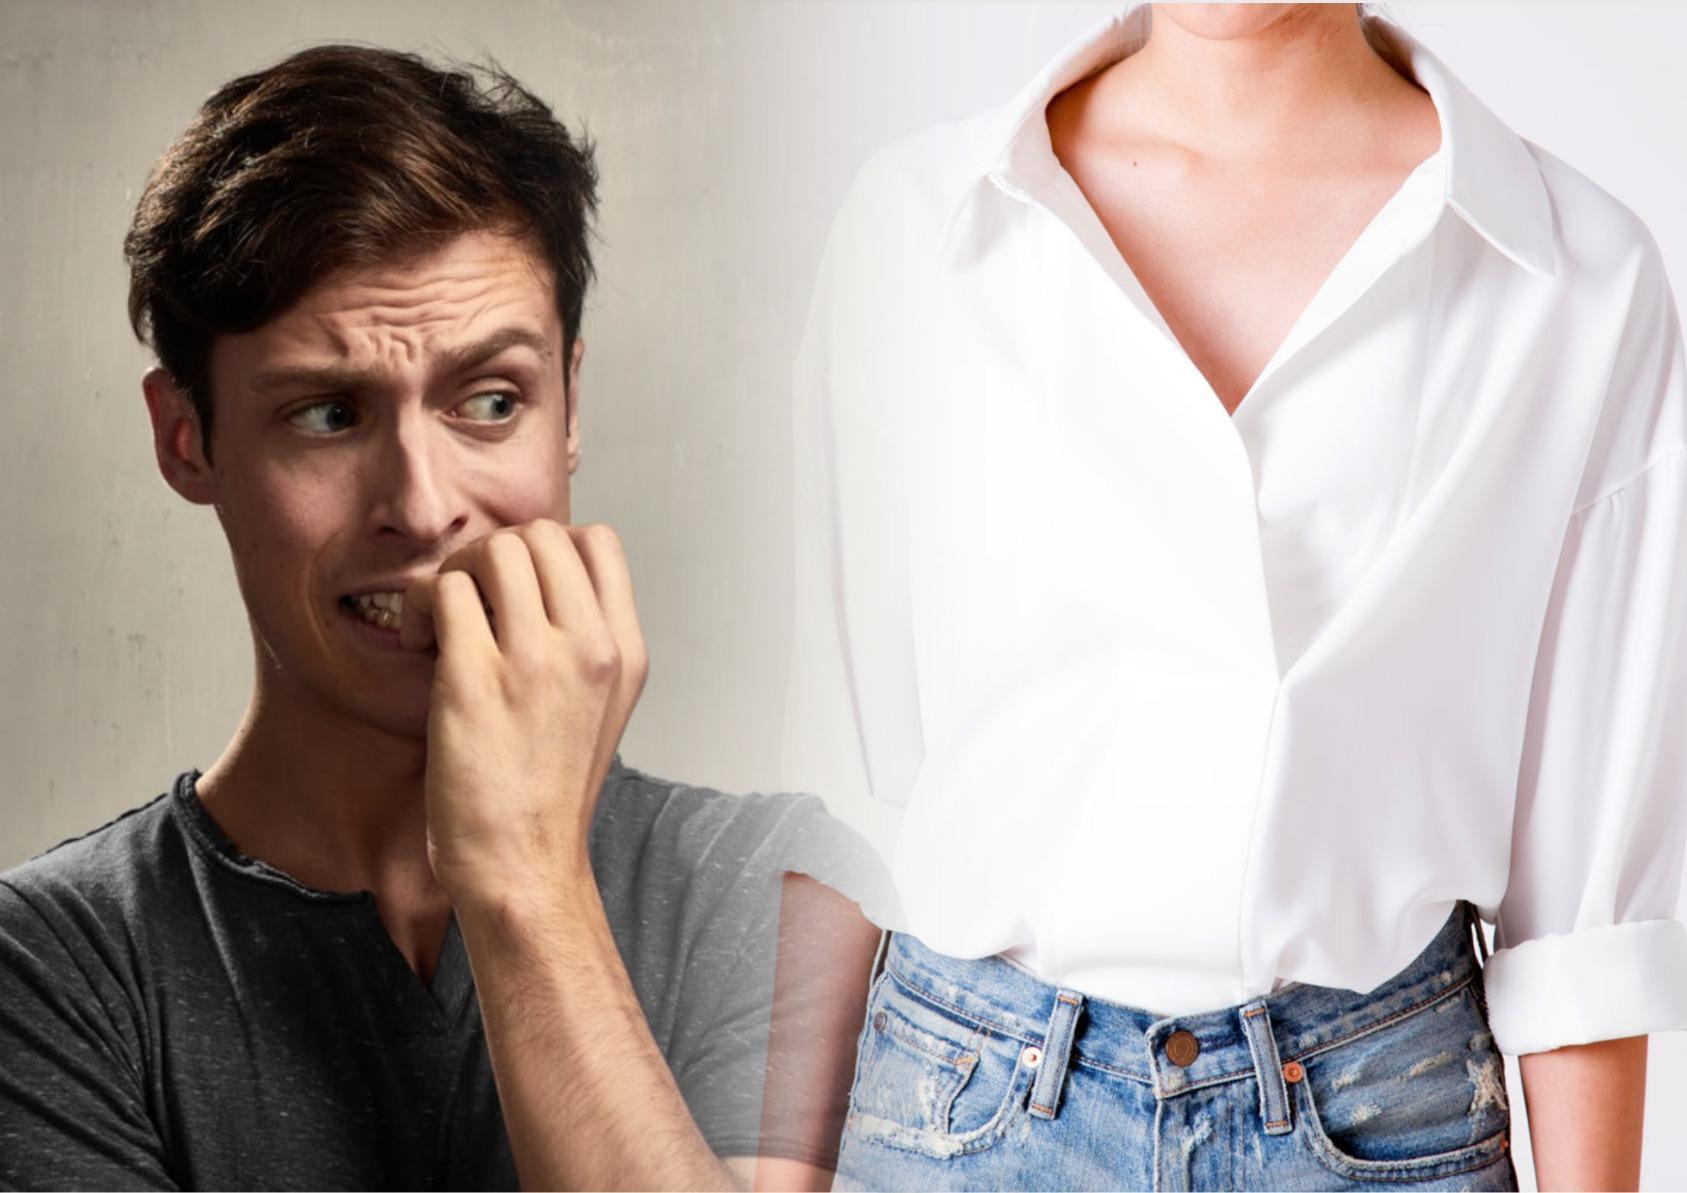 c3509cc0810c Пока мужчины в скинни собирают косые взгляды, удобство их гардероба  отрицать всё труднее. Некоторые женщины отказываются от «розовых» магазинов  и даже ...